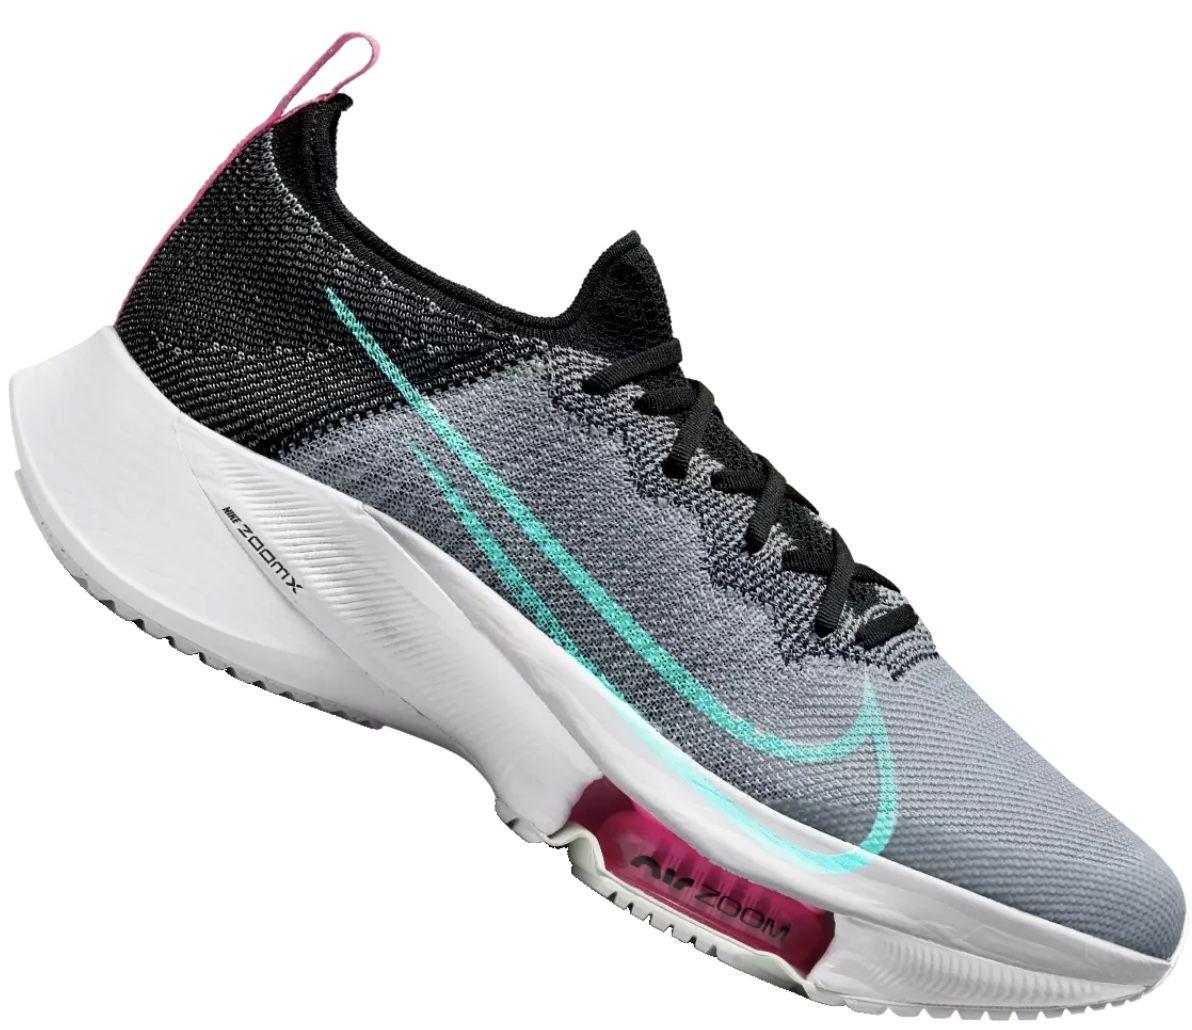 Nike Laufschuh Air Zoom Tempo NEXT% in Schwarz/Türkis für 139,95€ (statt 200€)